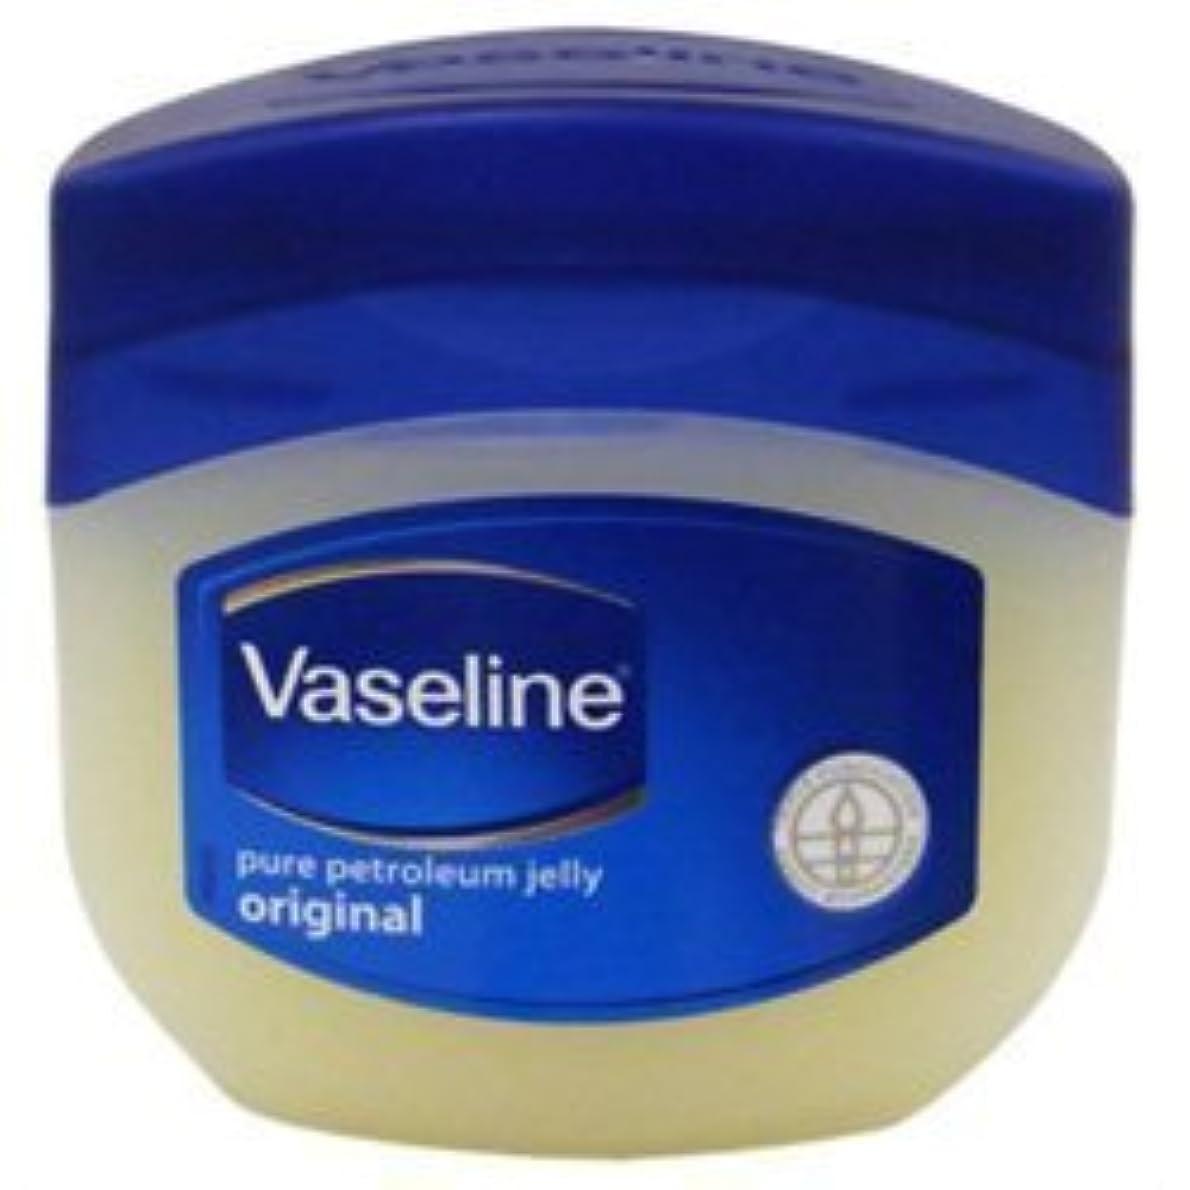 ただ豪華な予防接種する【Vaseline】ヴァセリン ピュアスキンジェリー (スキンオイル) 80g ×5個セット